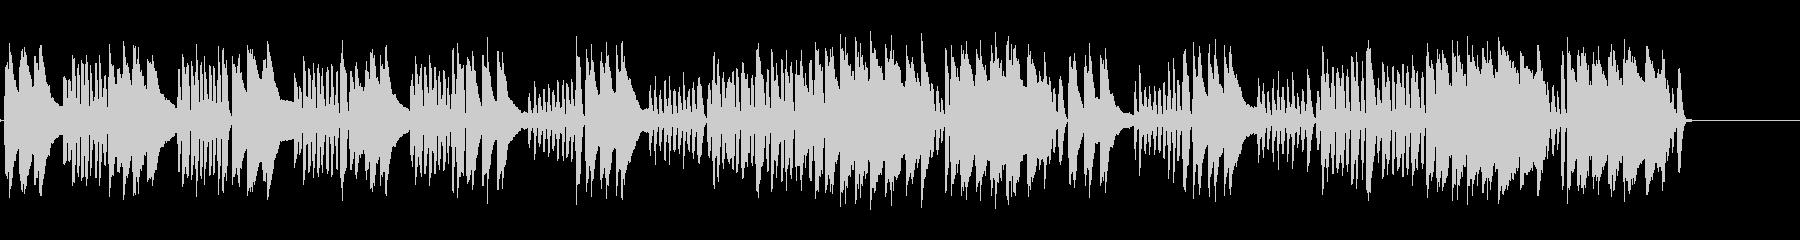 狩りの歌 シューマンピアノソロ生演奏の未再生の波形